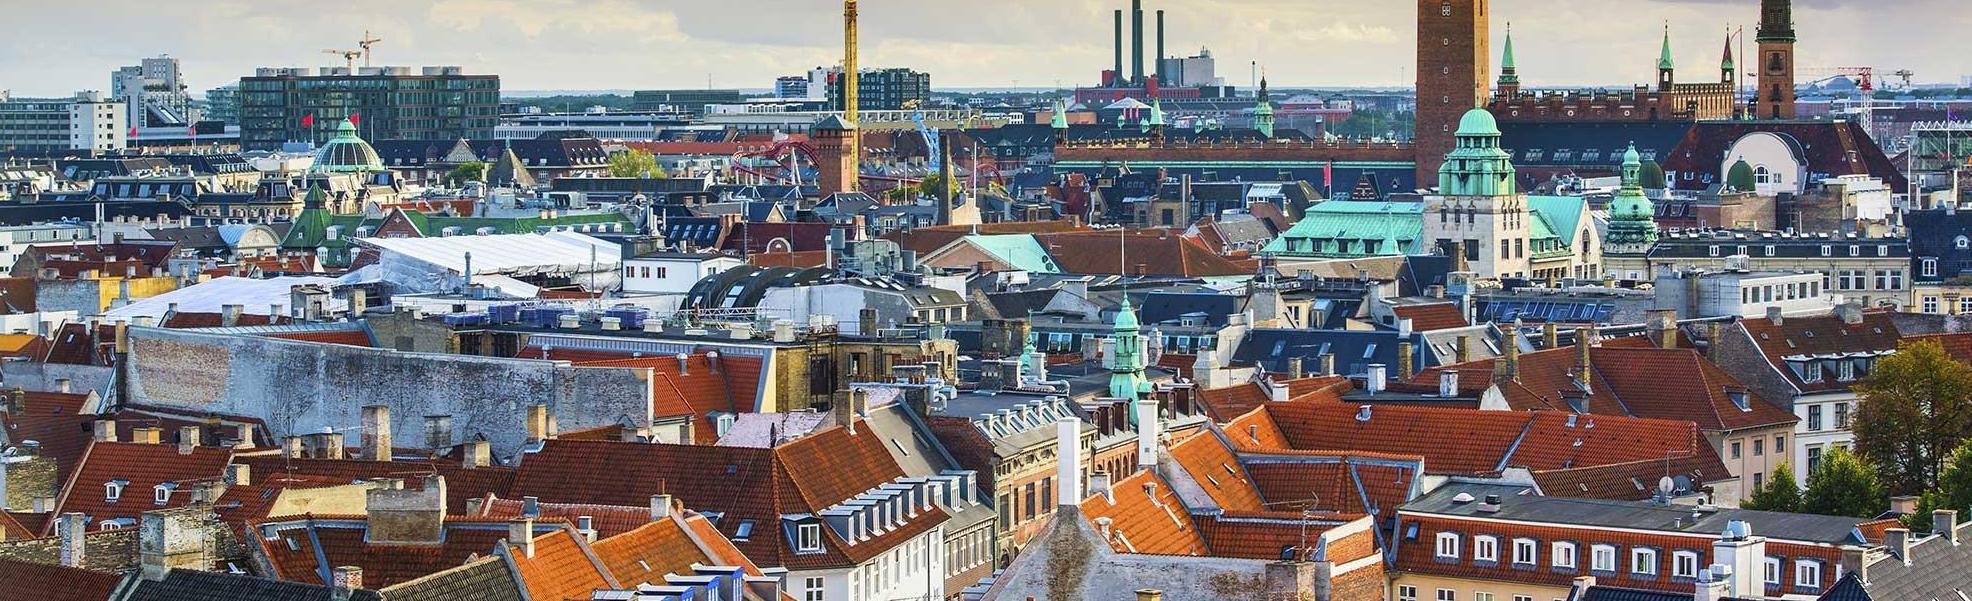 Copenhagen rooftop view